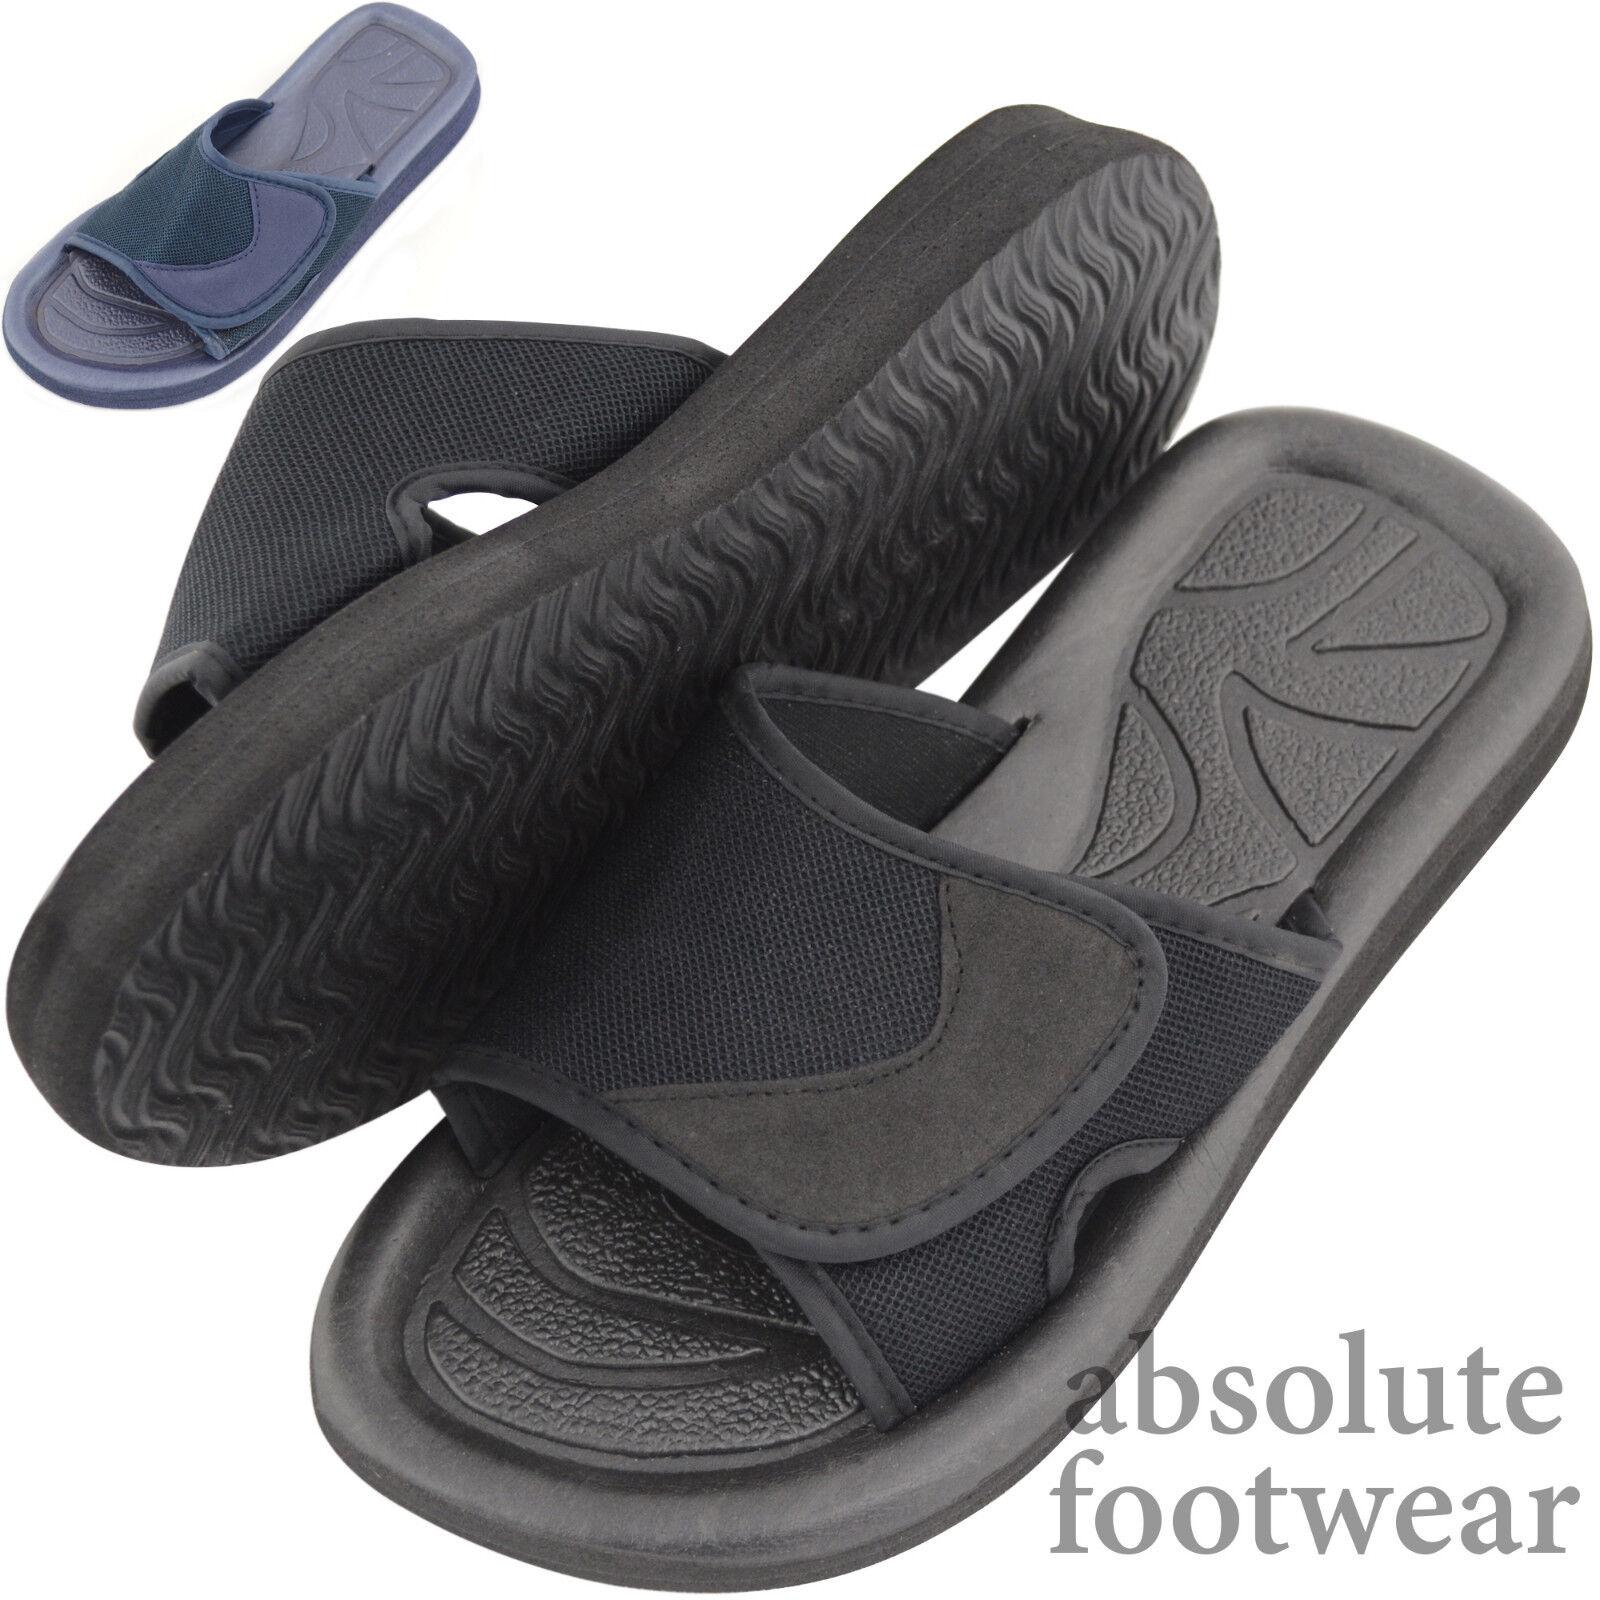 Hombre Slip on Shower / / Shower Holiday / Beach / Summer Light Weight Sandals / Flip Flops 4c0a27